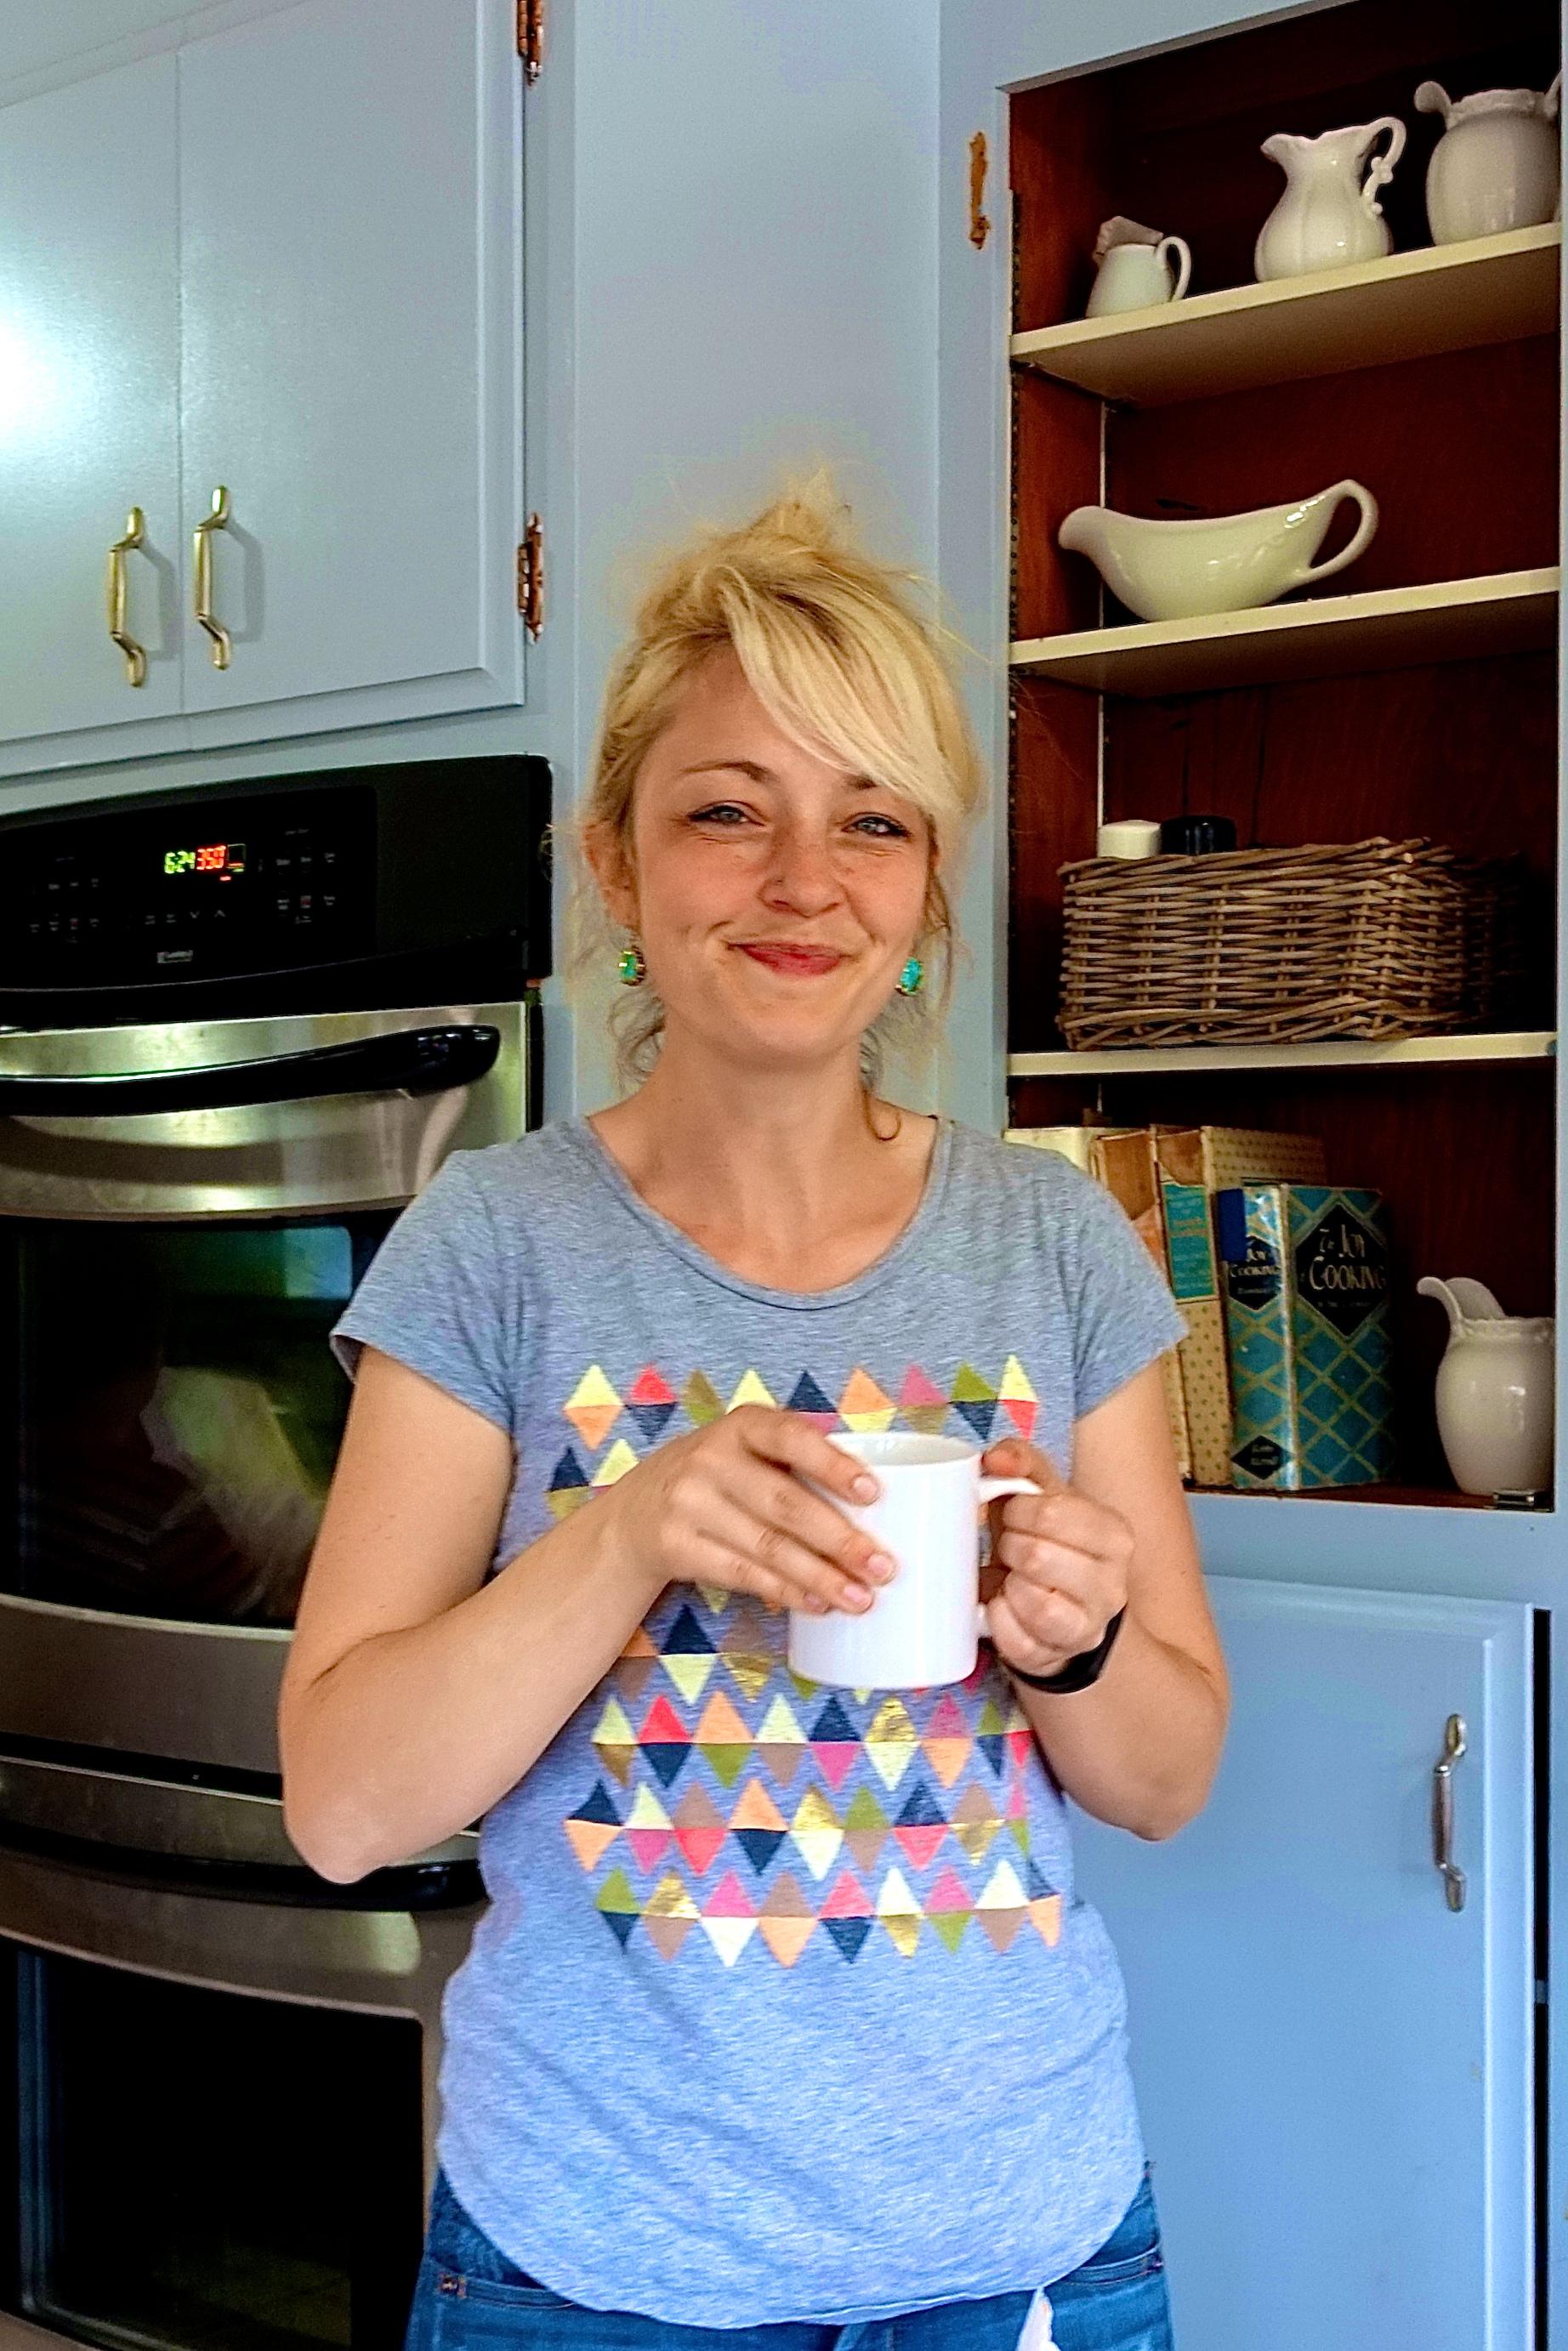 Mother having tea break